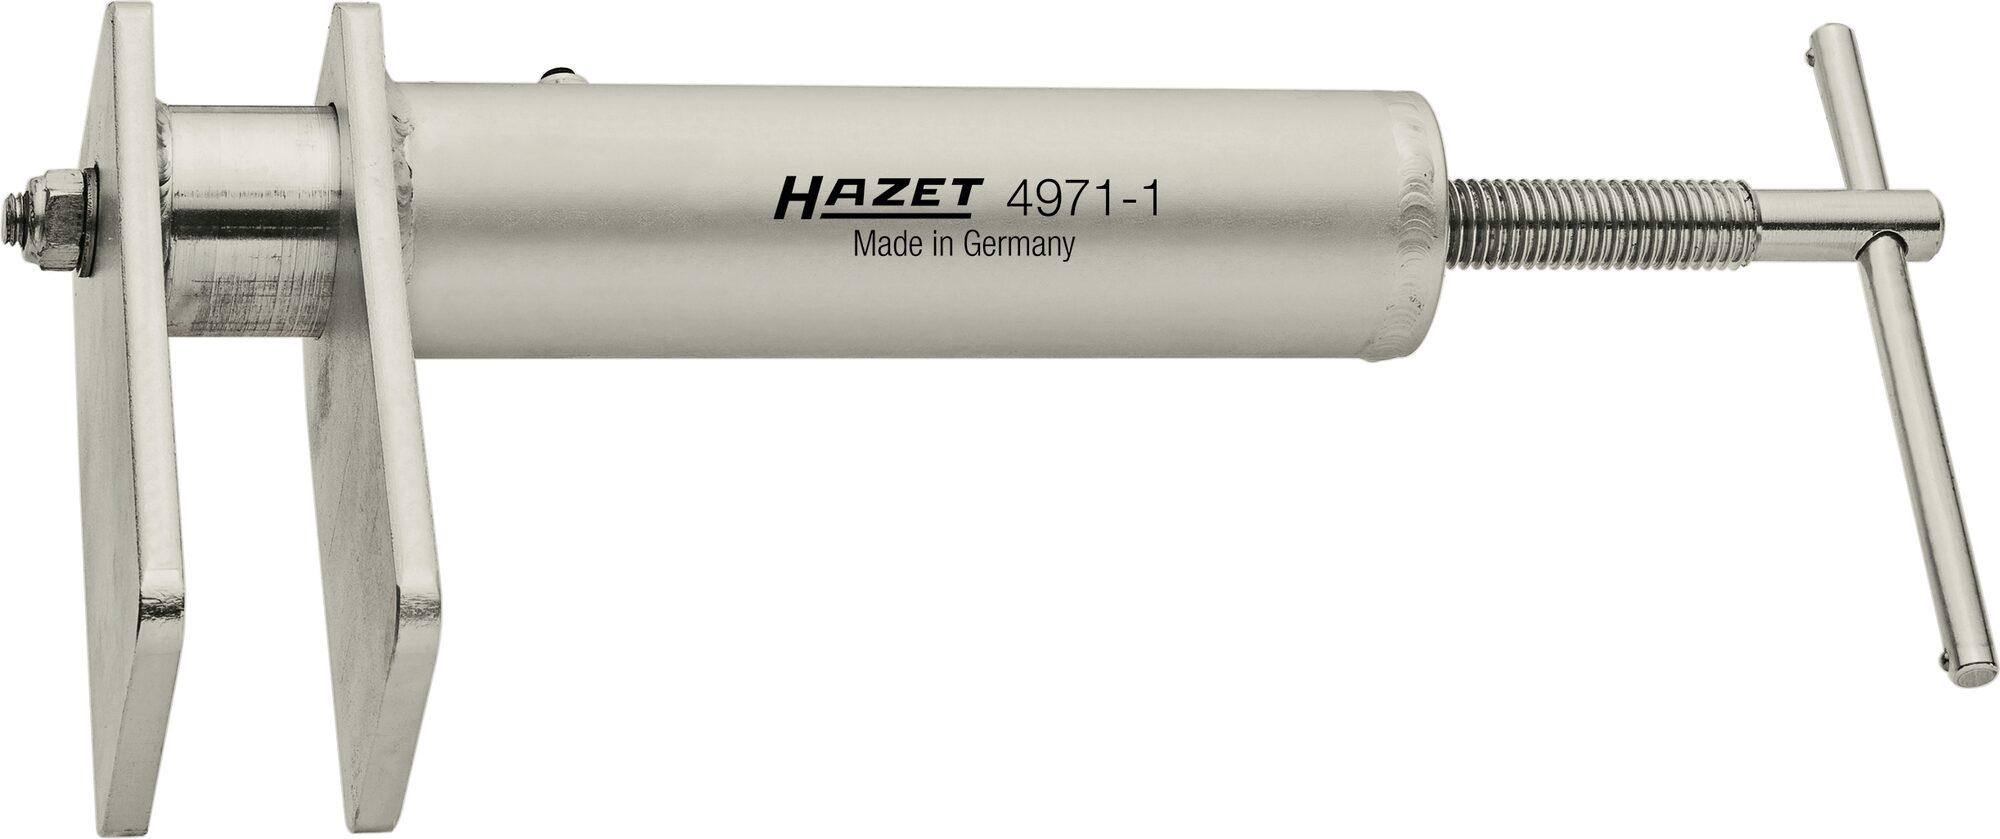 HAZET Bremskolben Rücksetzwerkzeug 4971-1